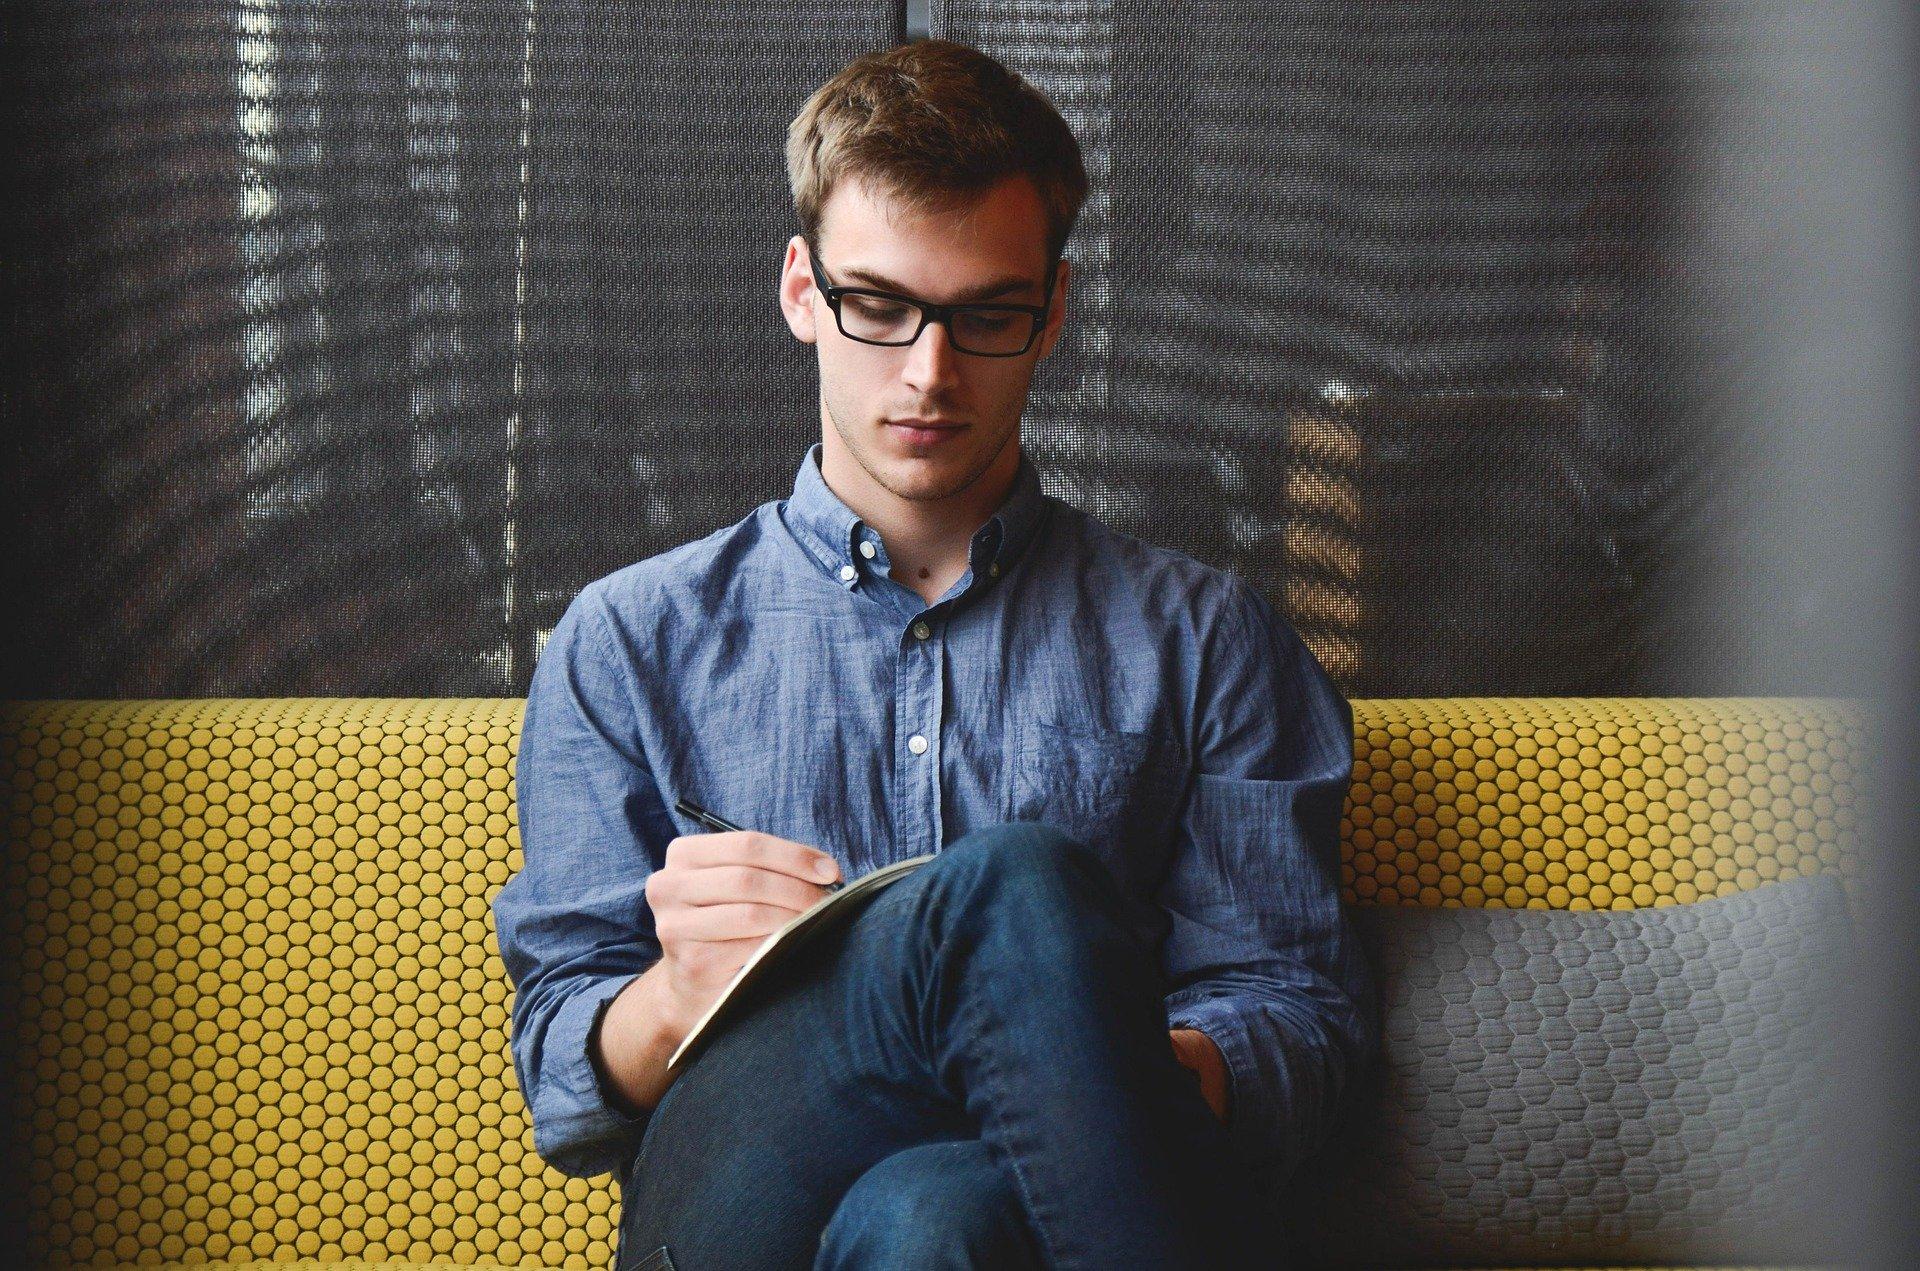 كيفية الربح من العمل الحر للمبتدئين